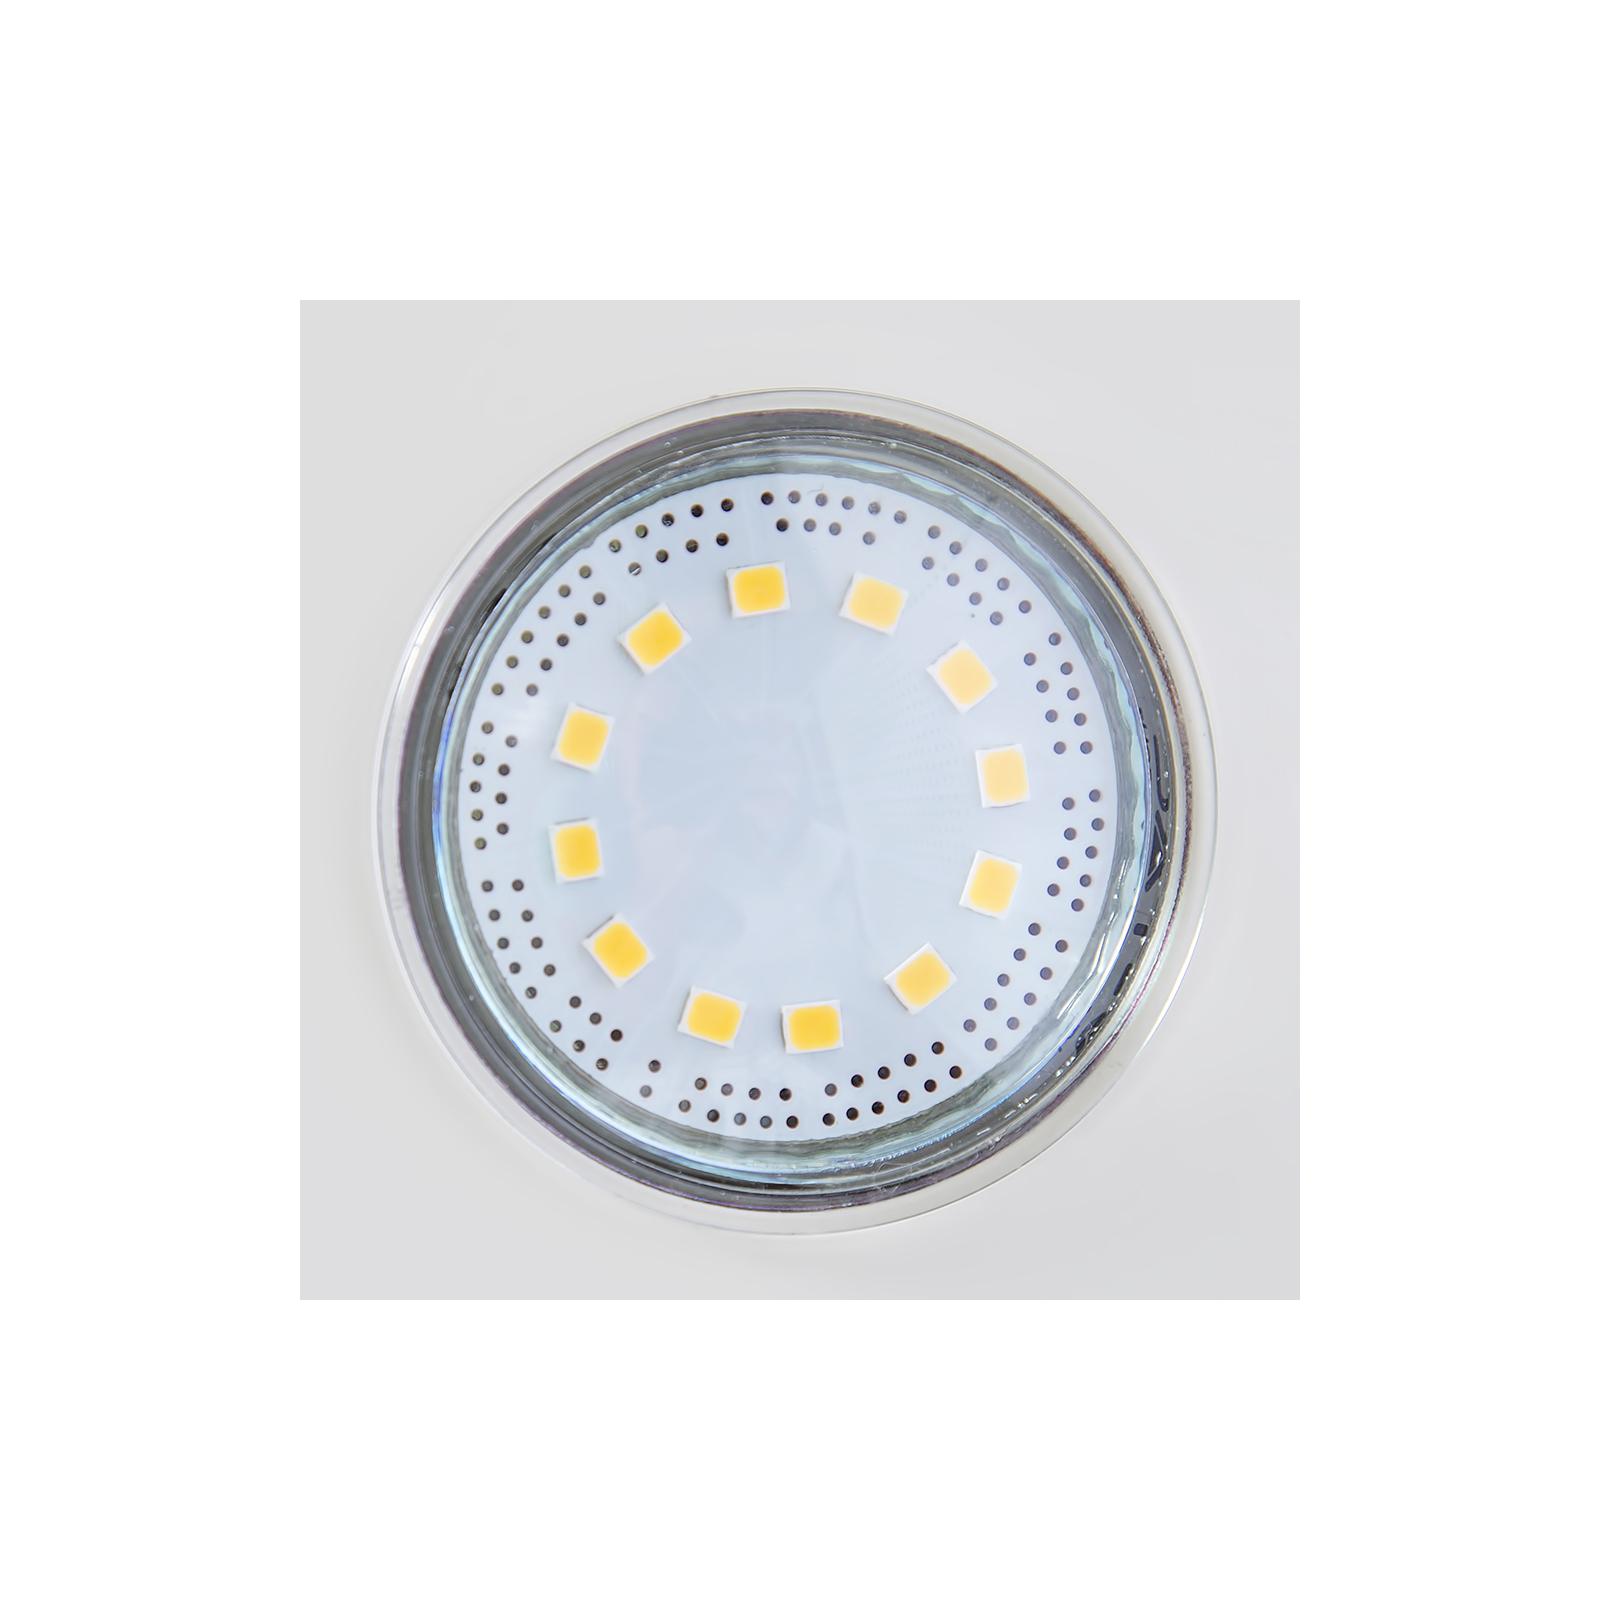 Вытяжка кухонная PERFELLI K 612 IV LED изображение 5